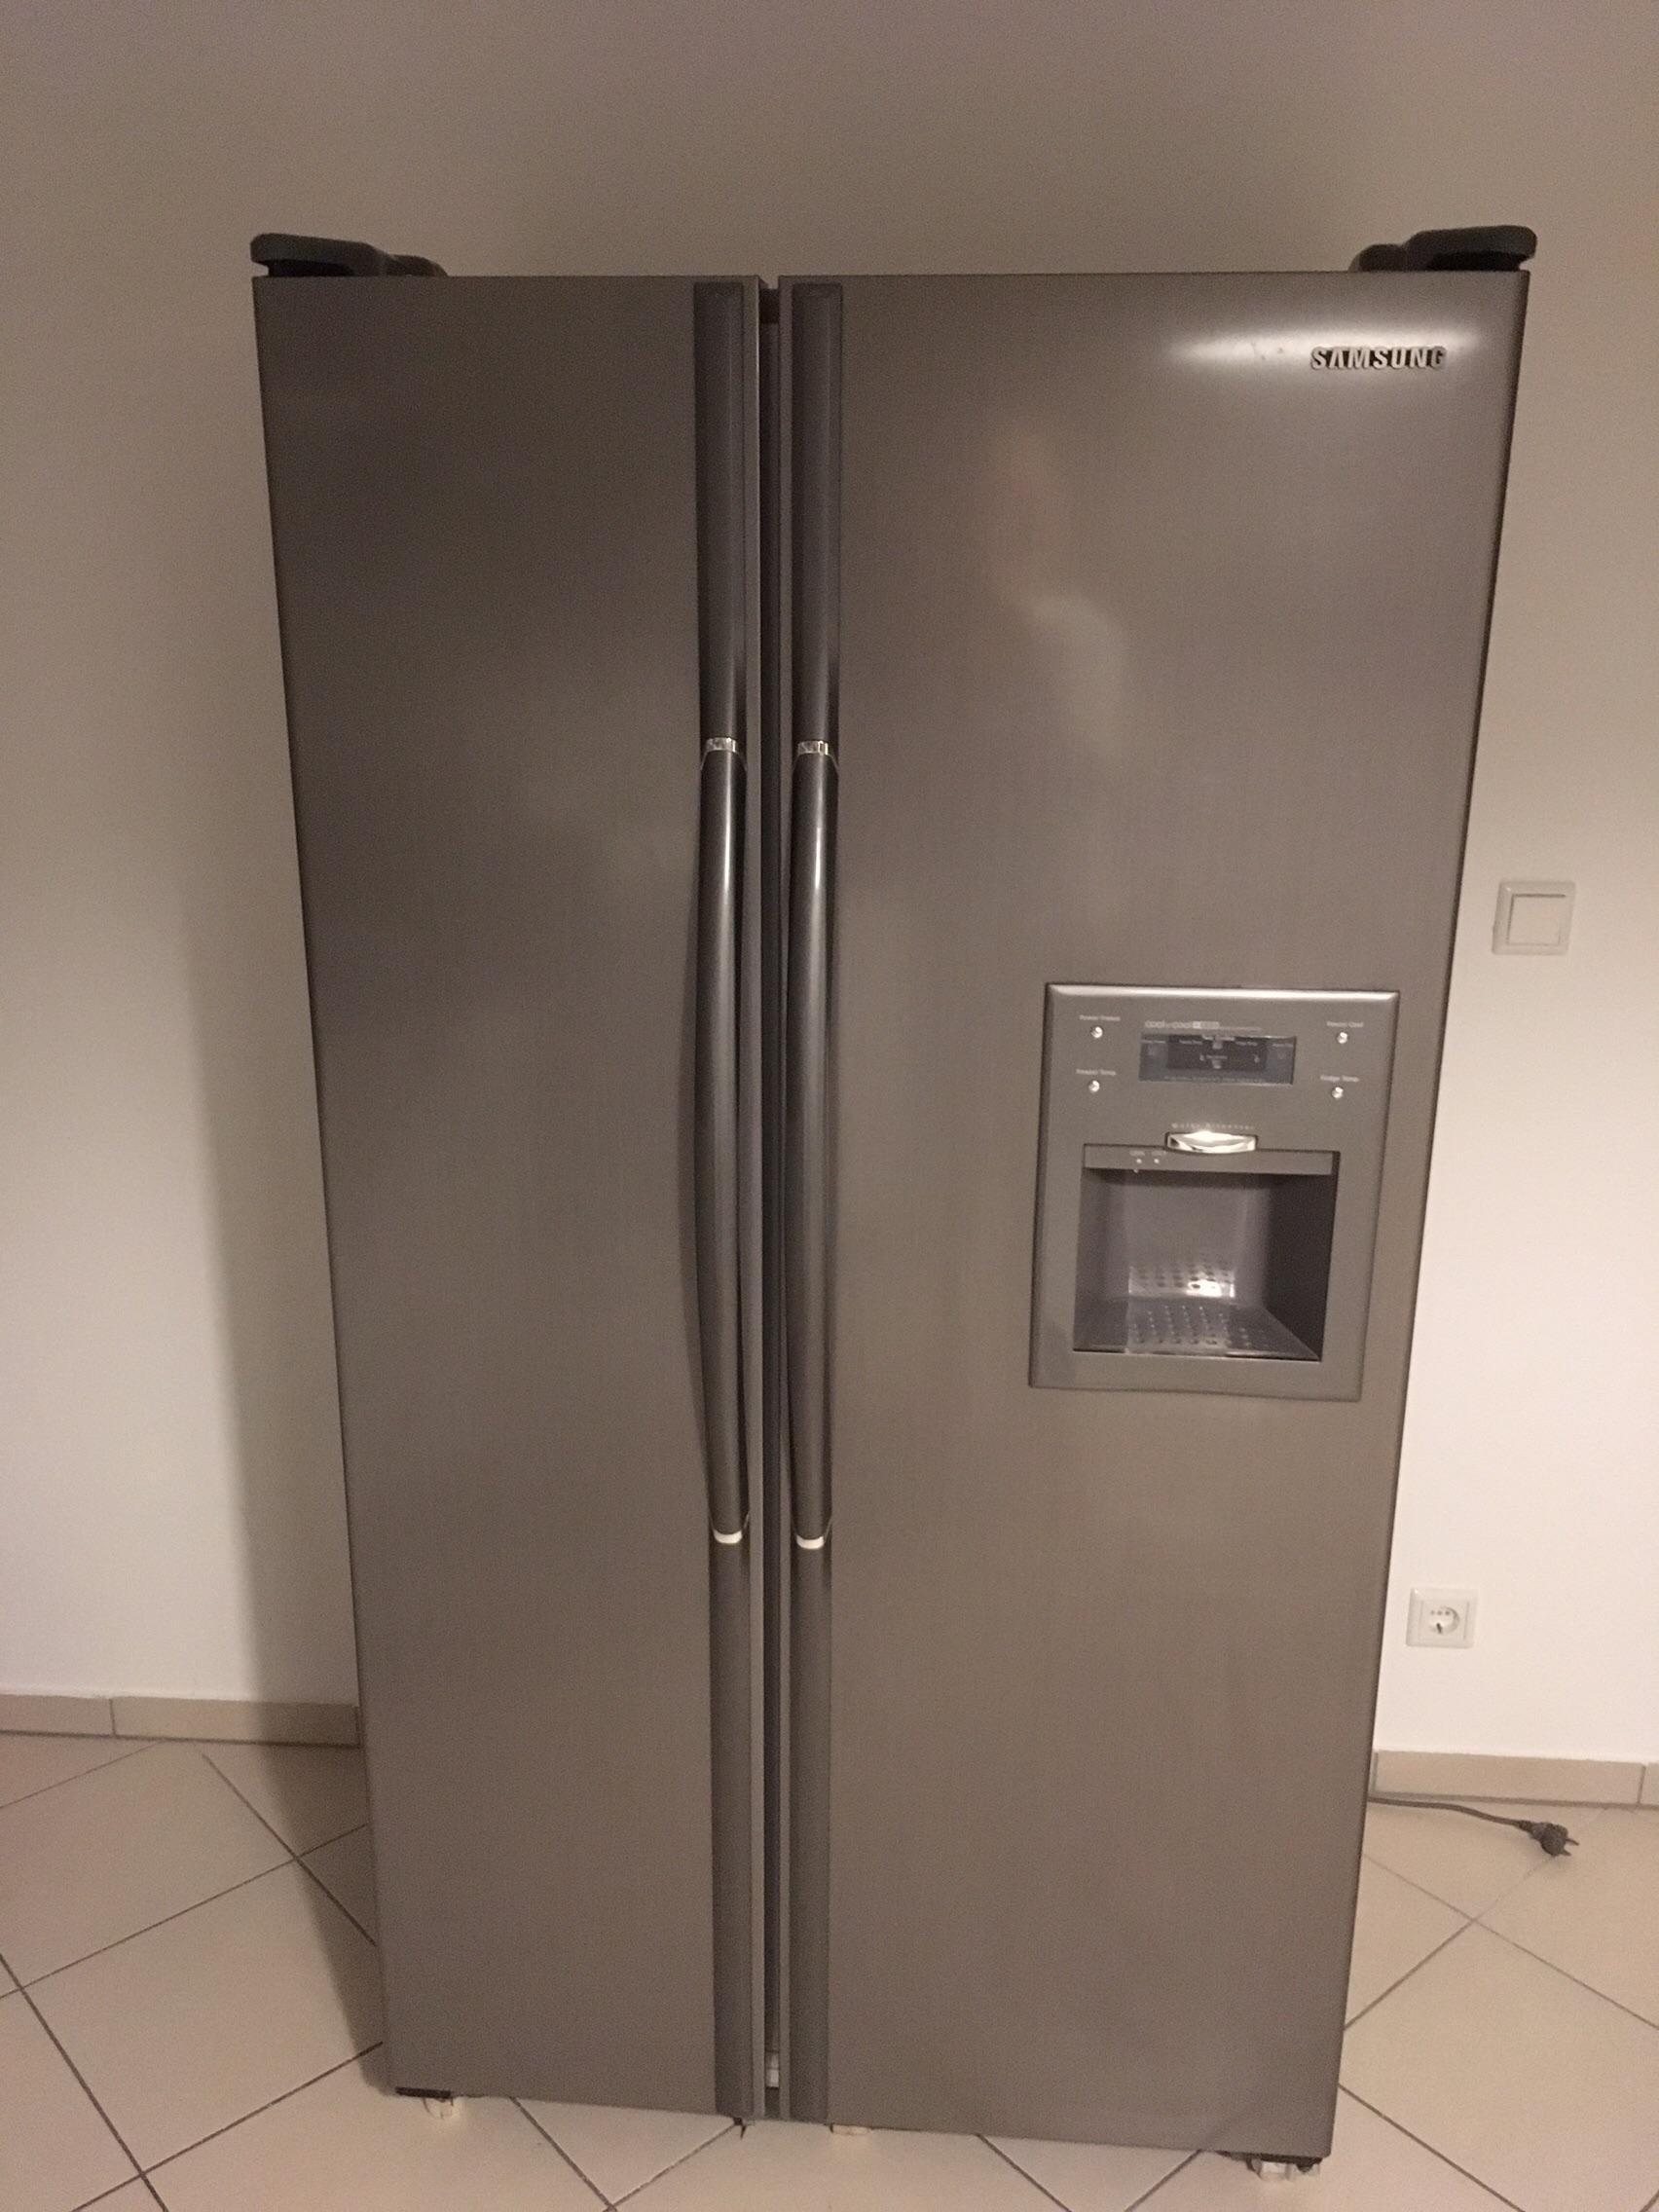 Amerikanischer Kühlschrank Defekt : Samsung amerikanischer kühlschrank kühlt nicht mehr kühlschrank